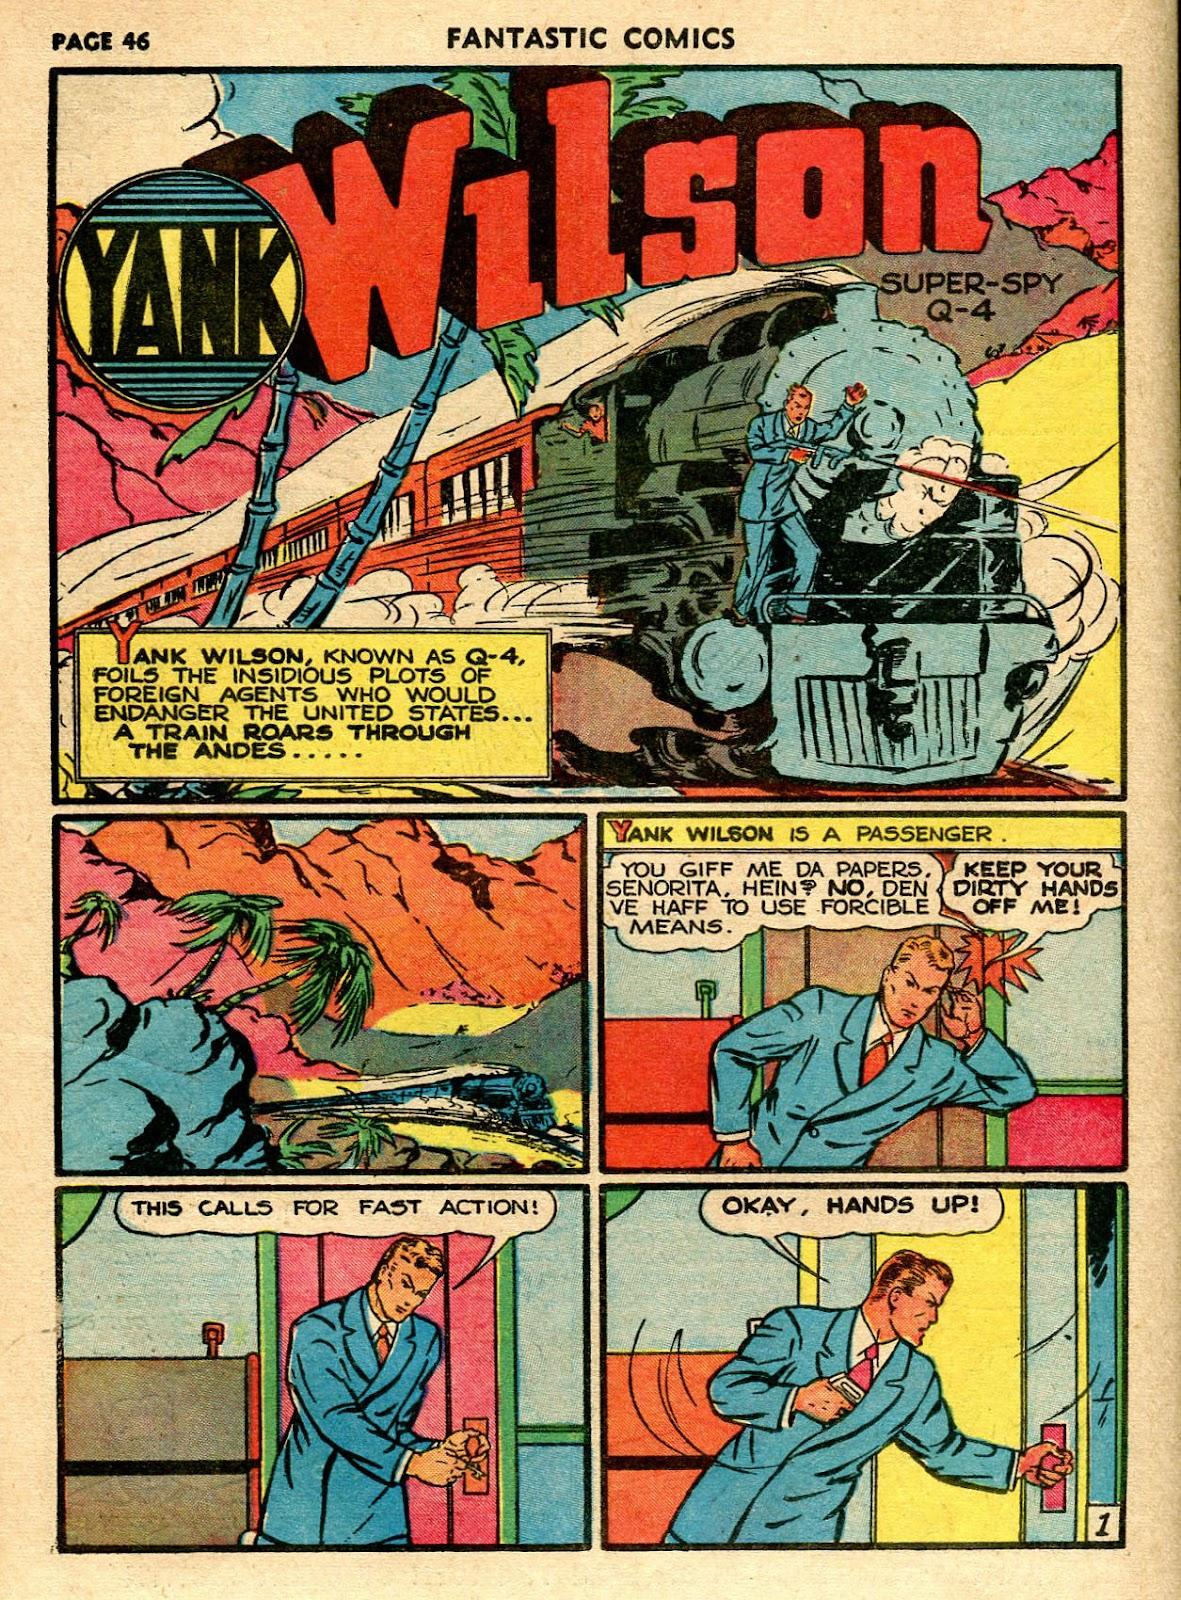 Read online Fantastic Comics comic -  Issue #21 - 44